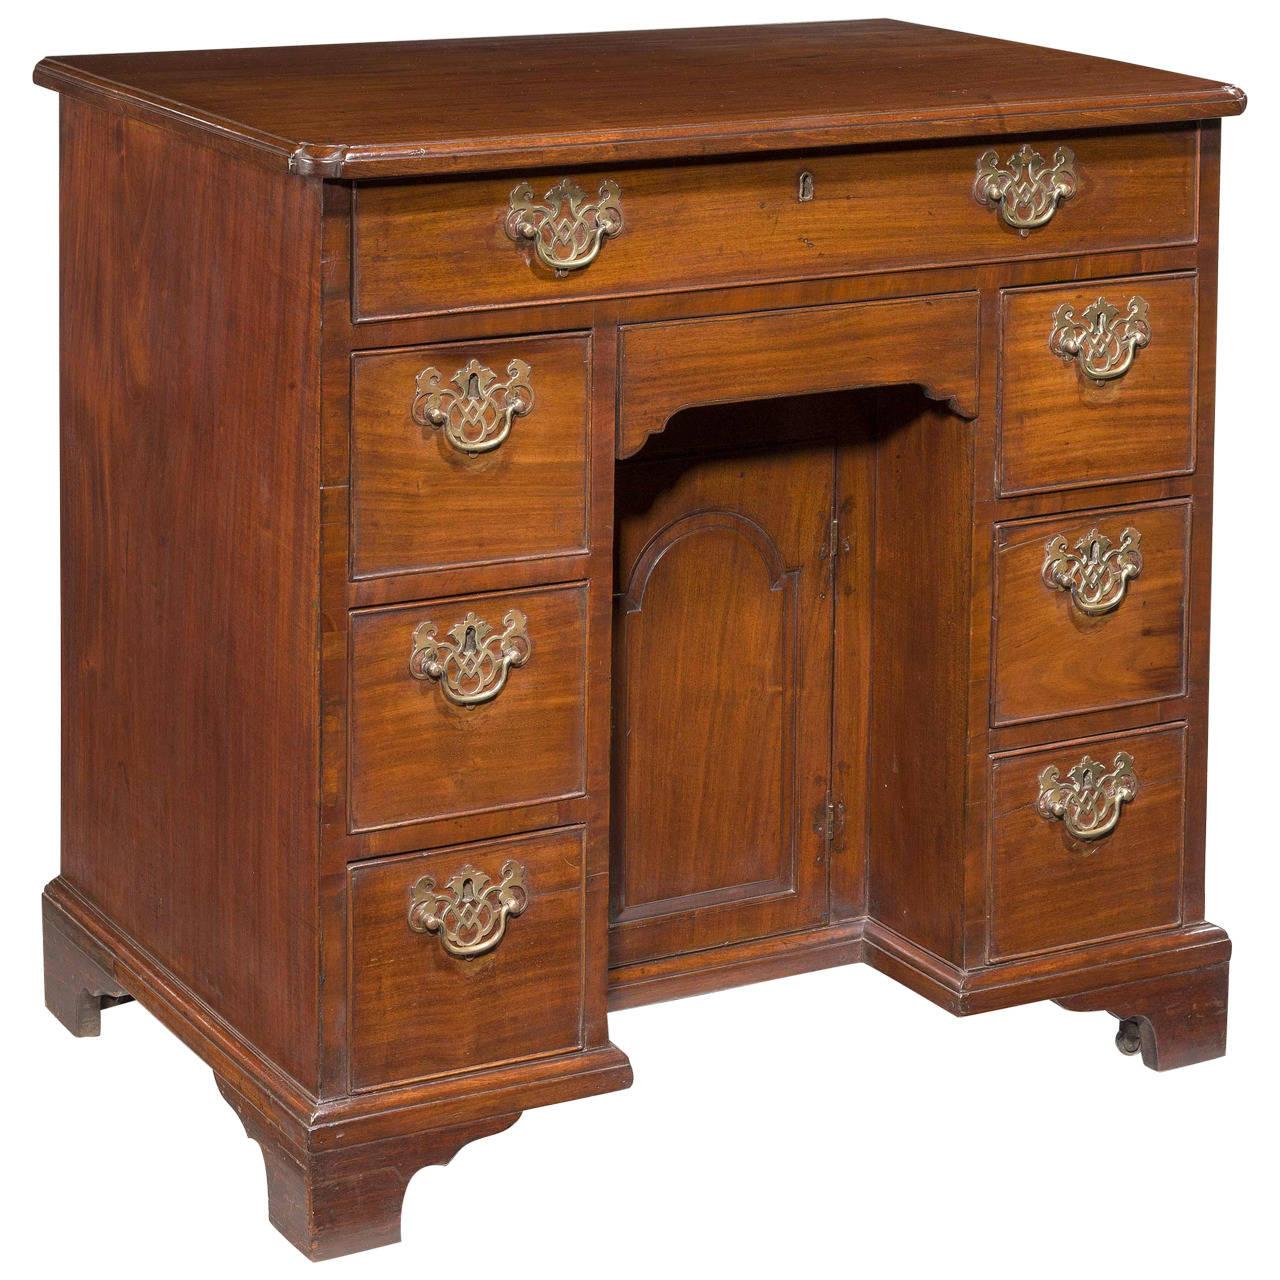 18th Century Mahogany Knee-Hole Desk